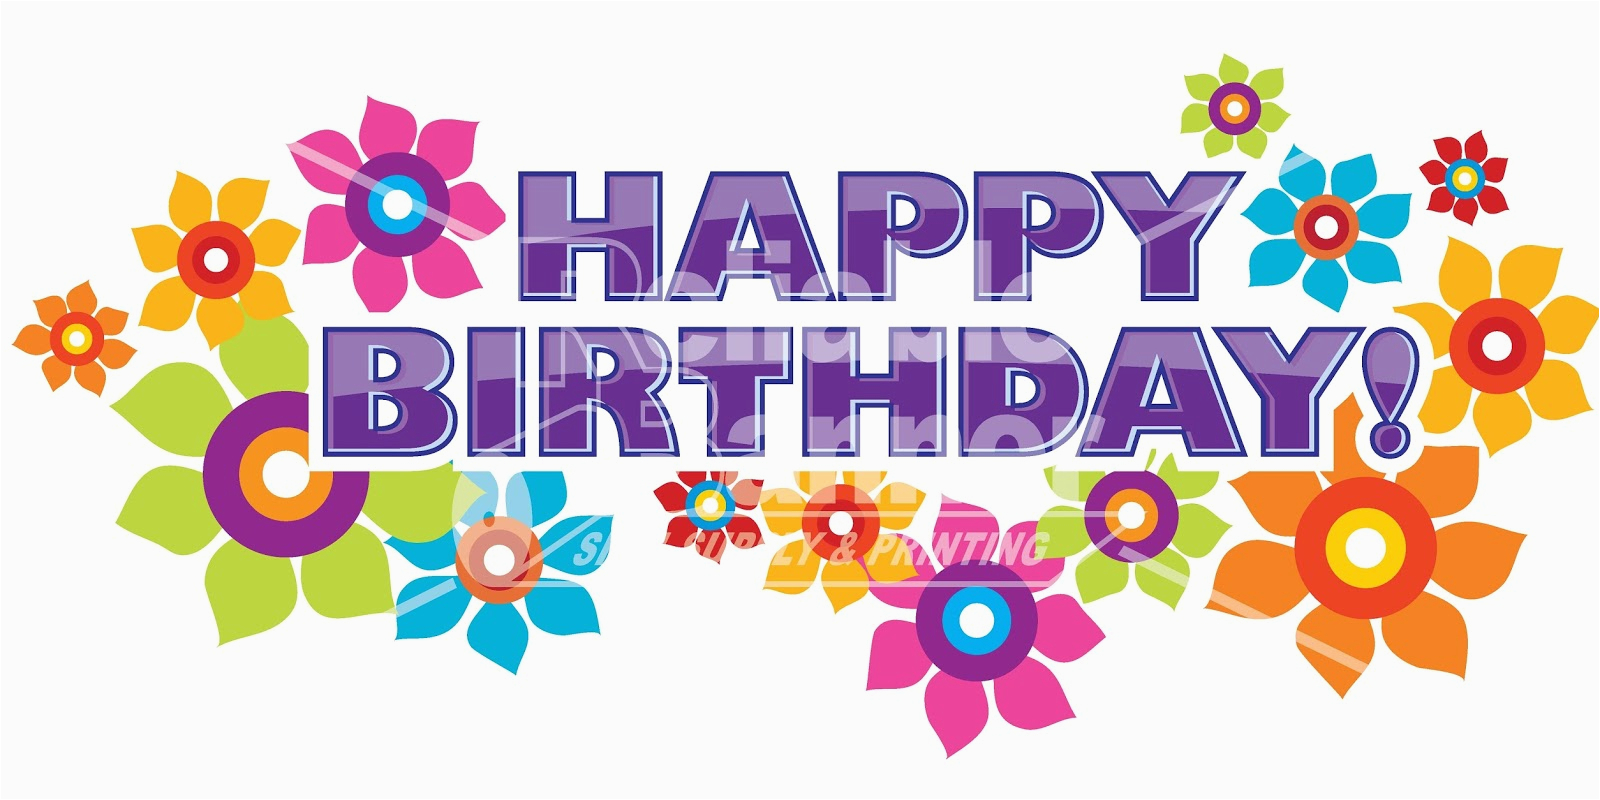 Happy Birthday Zoo Banner Ladiez Of Beaglebratz Manor Happy Birthday to My Lady Shasta